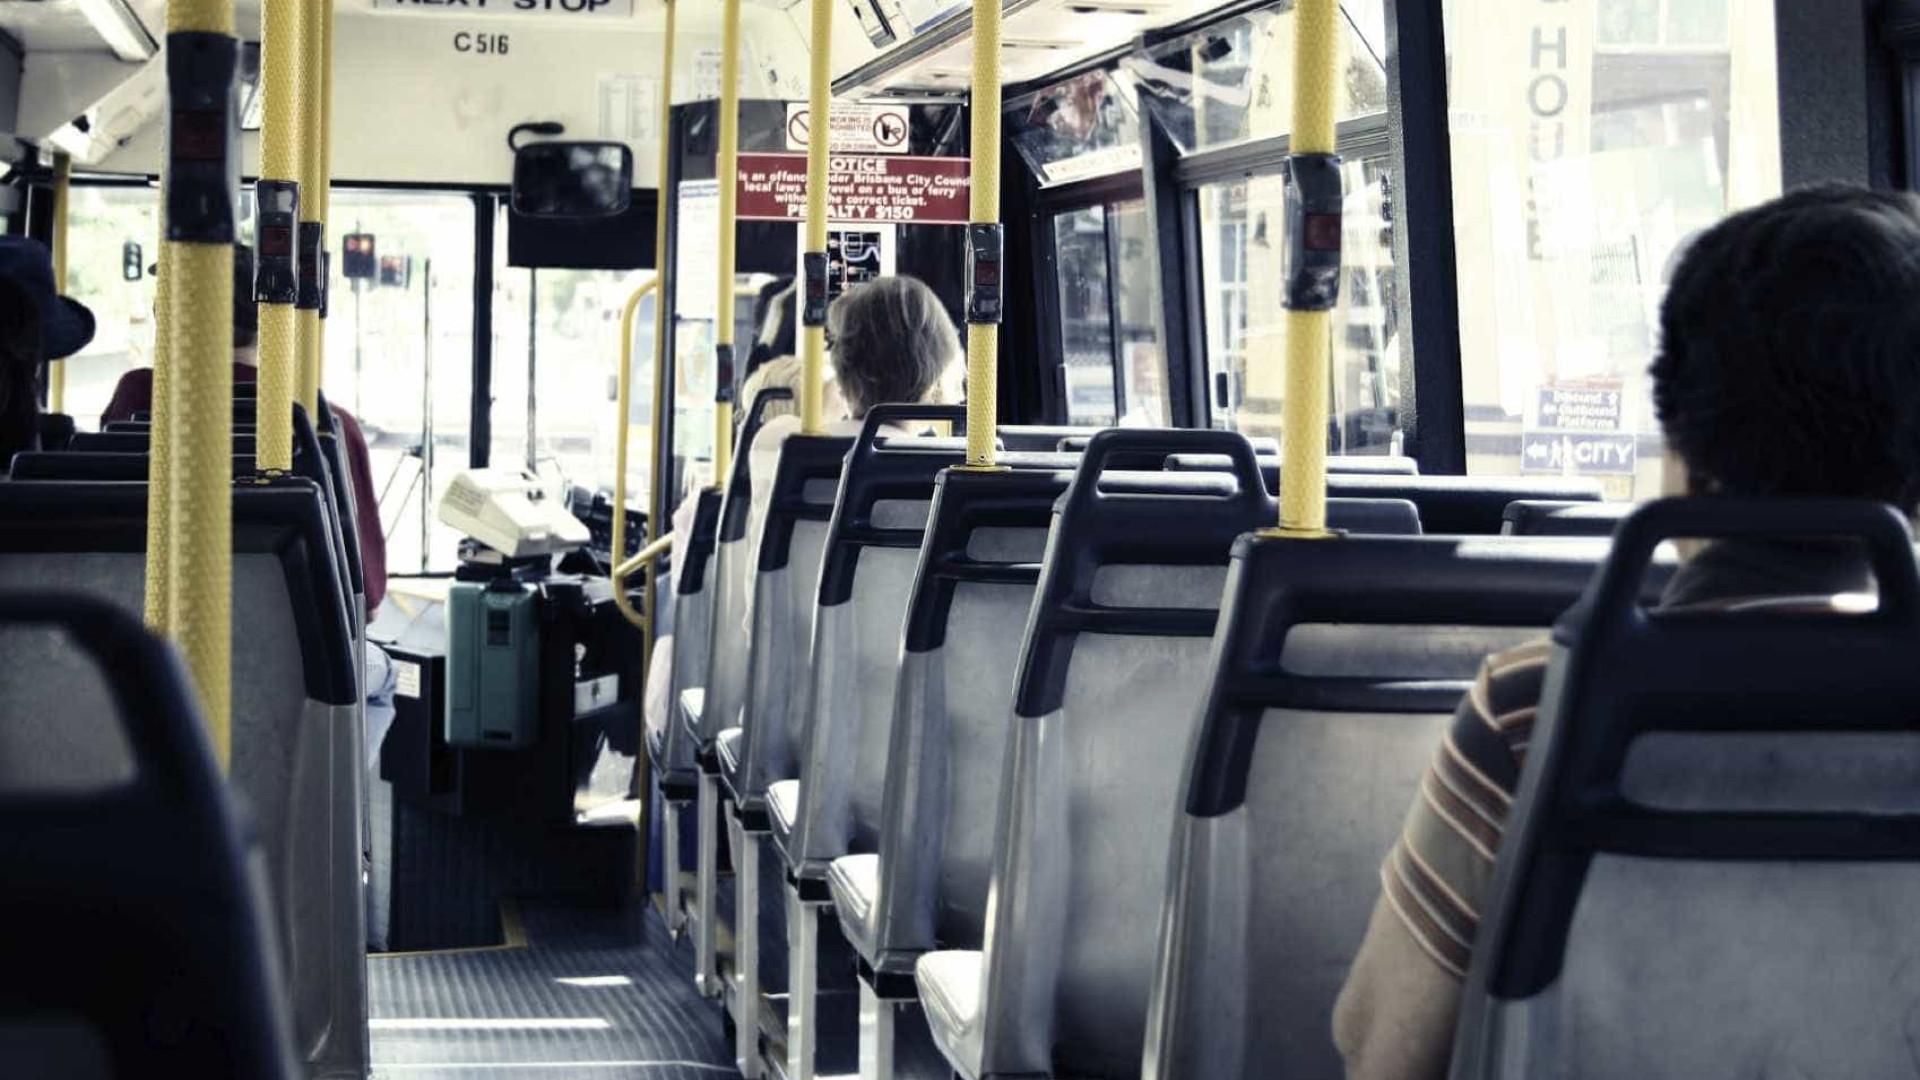 Transportes que excedam aumento de tarifas permitido serão sancionadas